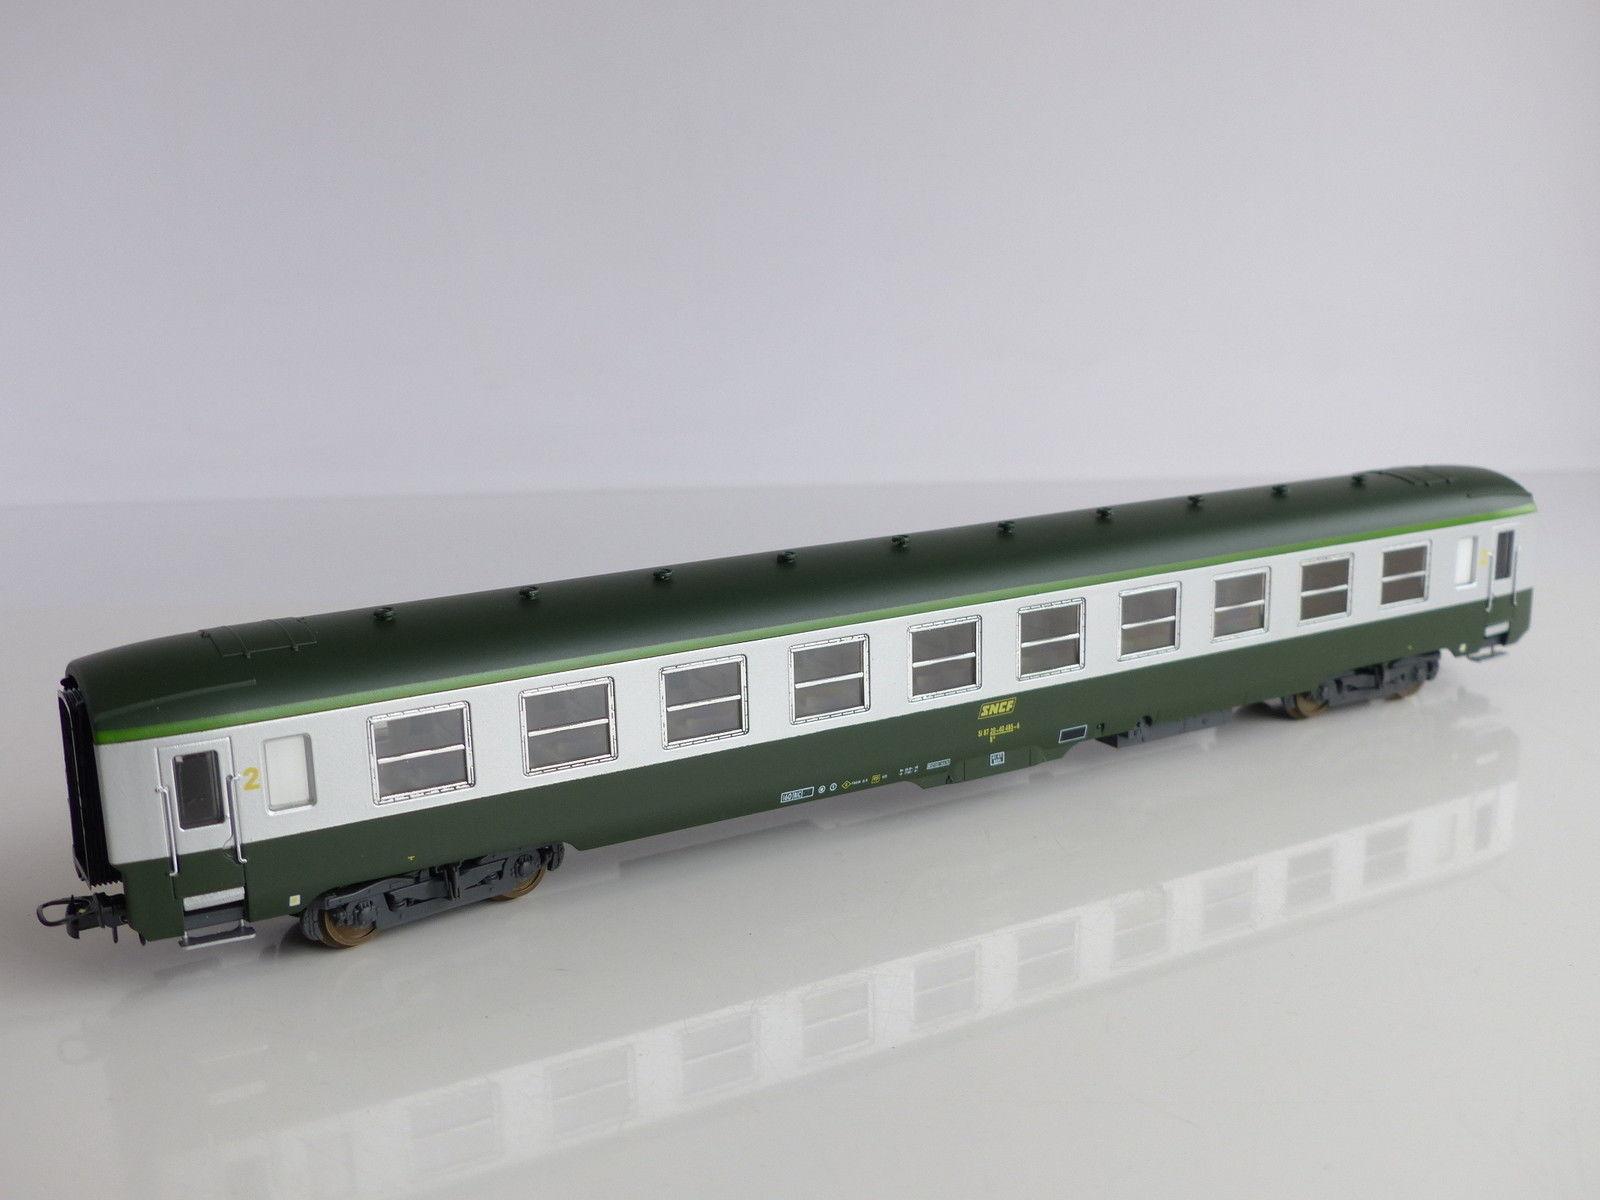 lima-309373-sncf-dev-ao-b10-2-klasse-sitzwagen-gruenalu-c160-gelbe-2-kl-ziffer-gruener-streifen-am-dach